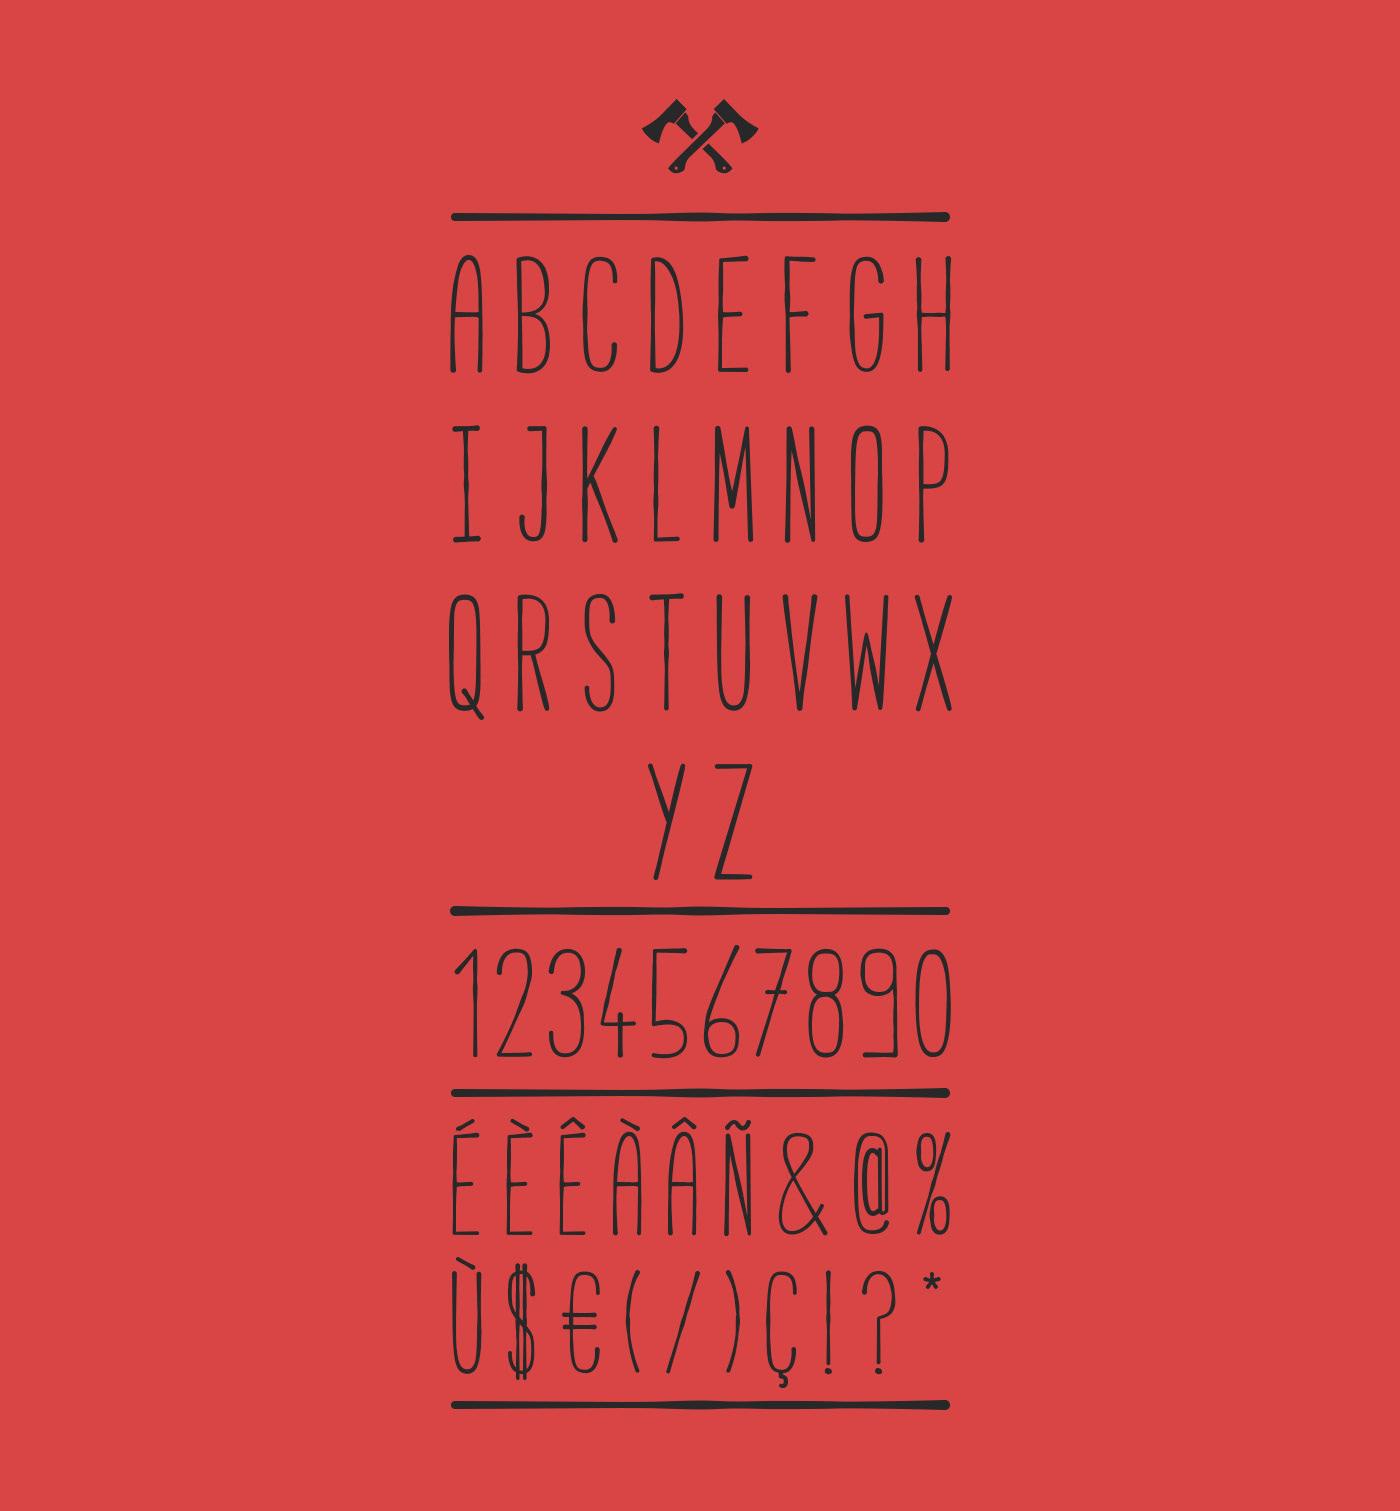 Free font free font type Typeface logo Typographie hand handwritten wanderlust handmade new adrien Coquet lille